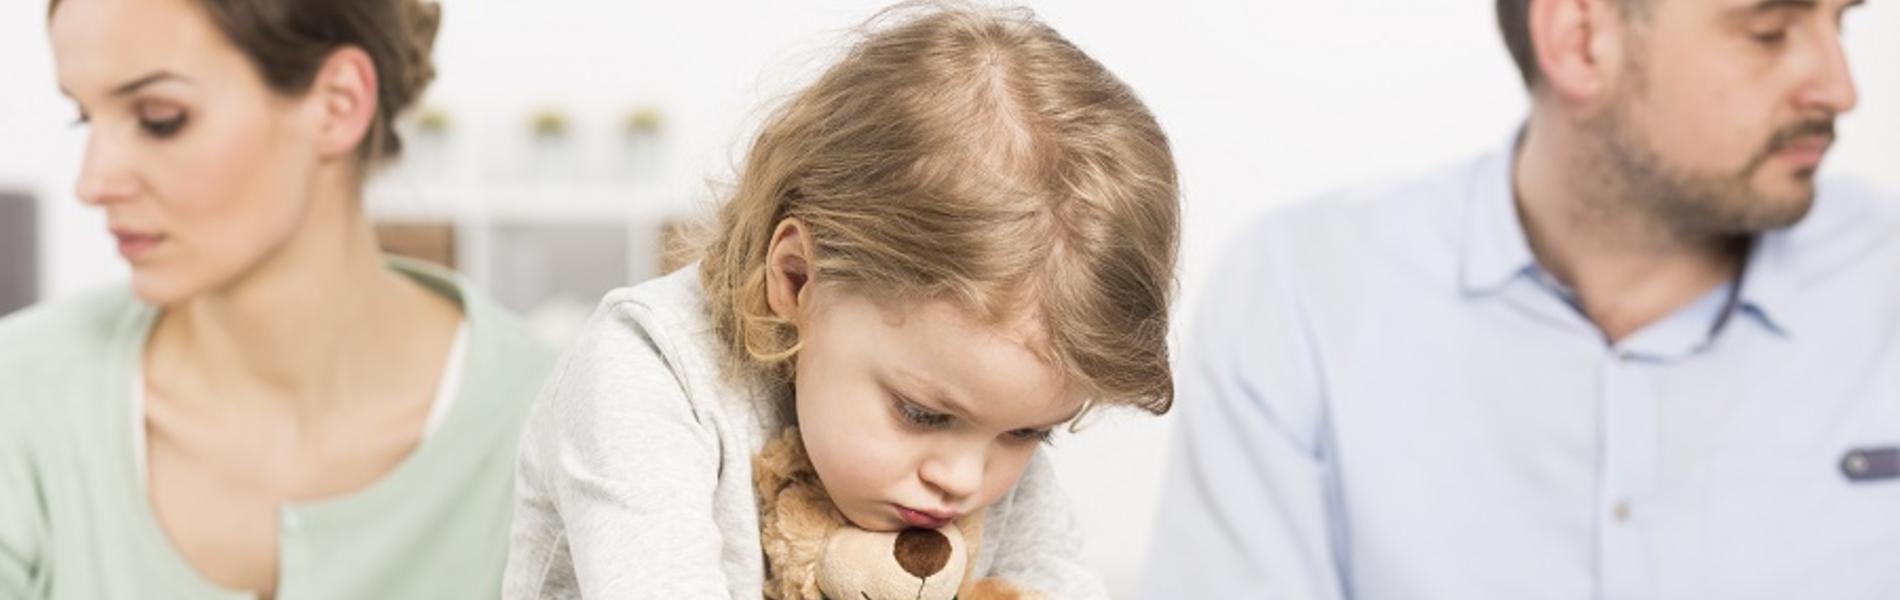 """""""בוא אני אספר לך מי זה אבא"""": 10 דברים שאסור להגיד לילדים כשמתגרשים"""